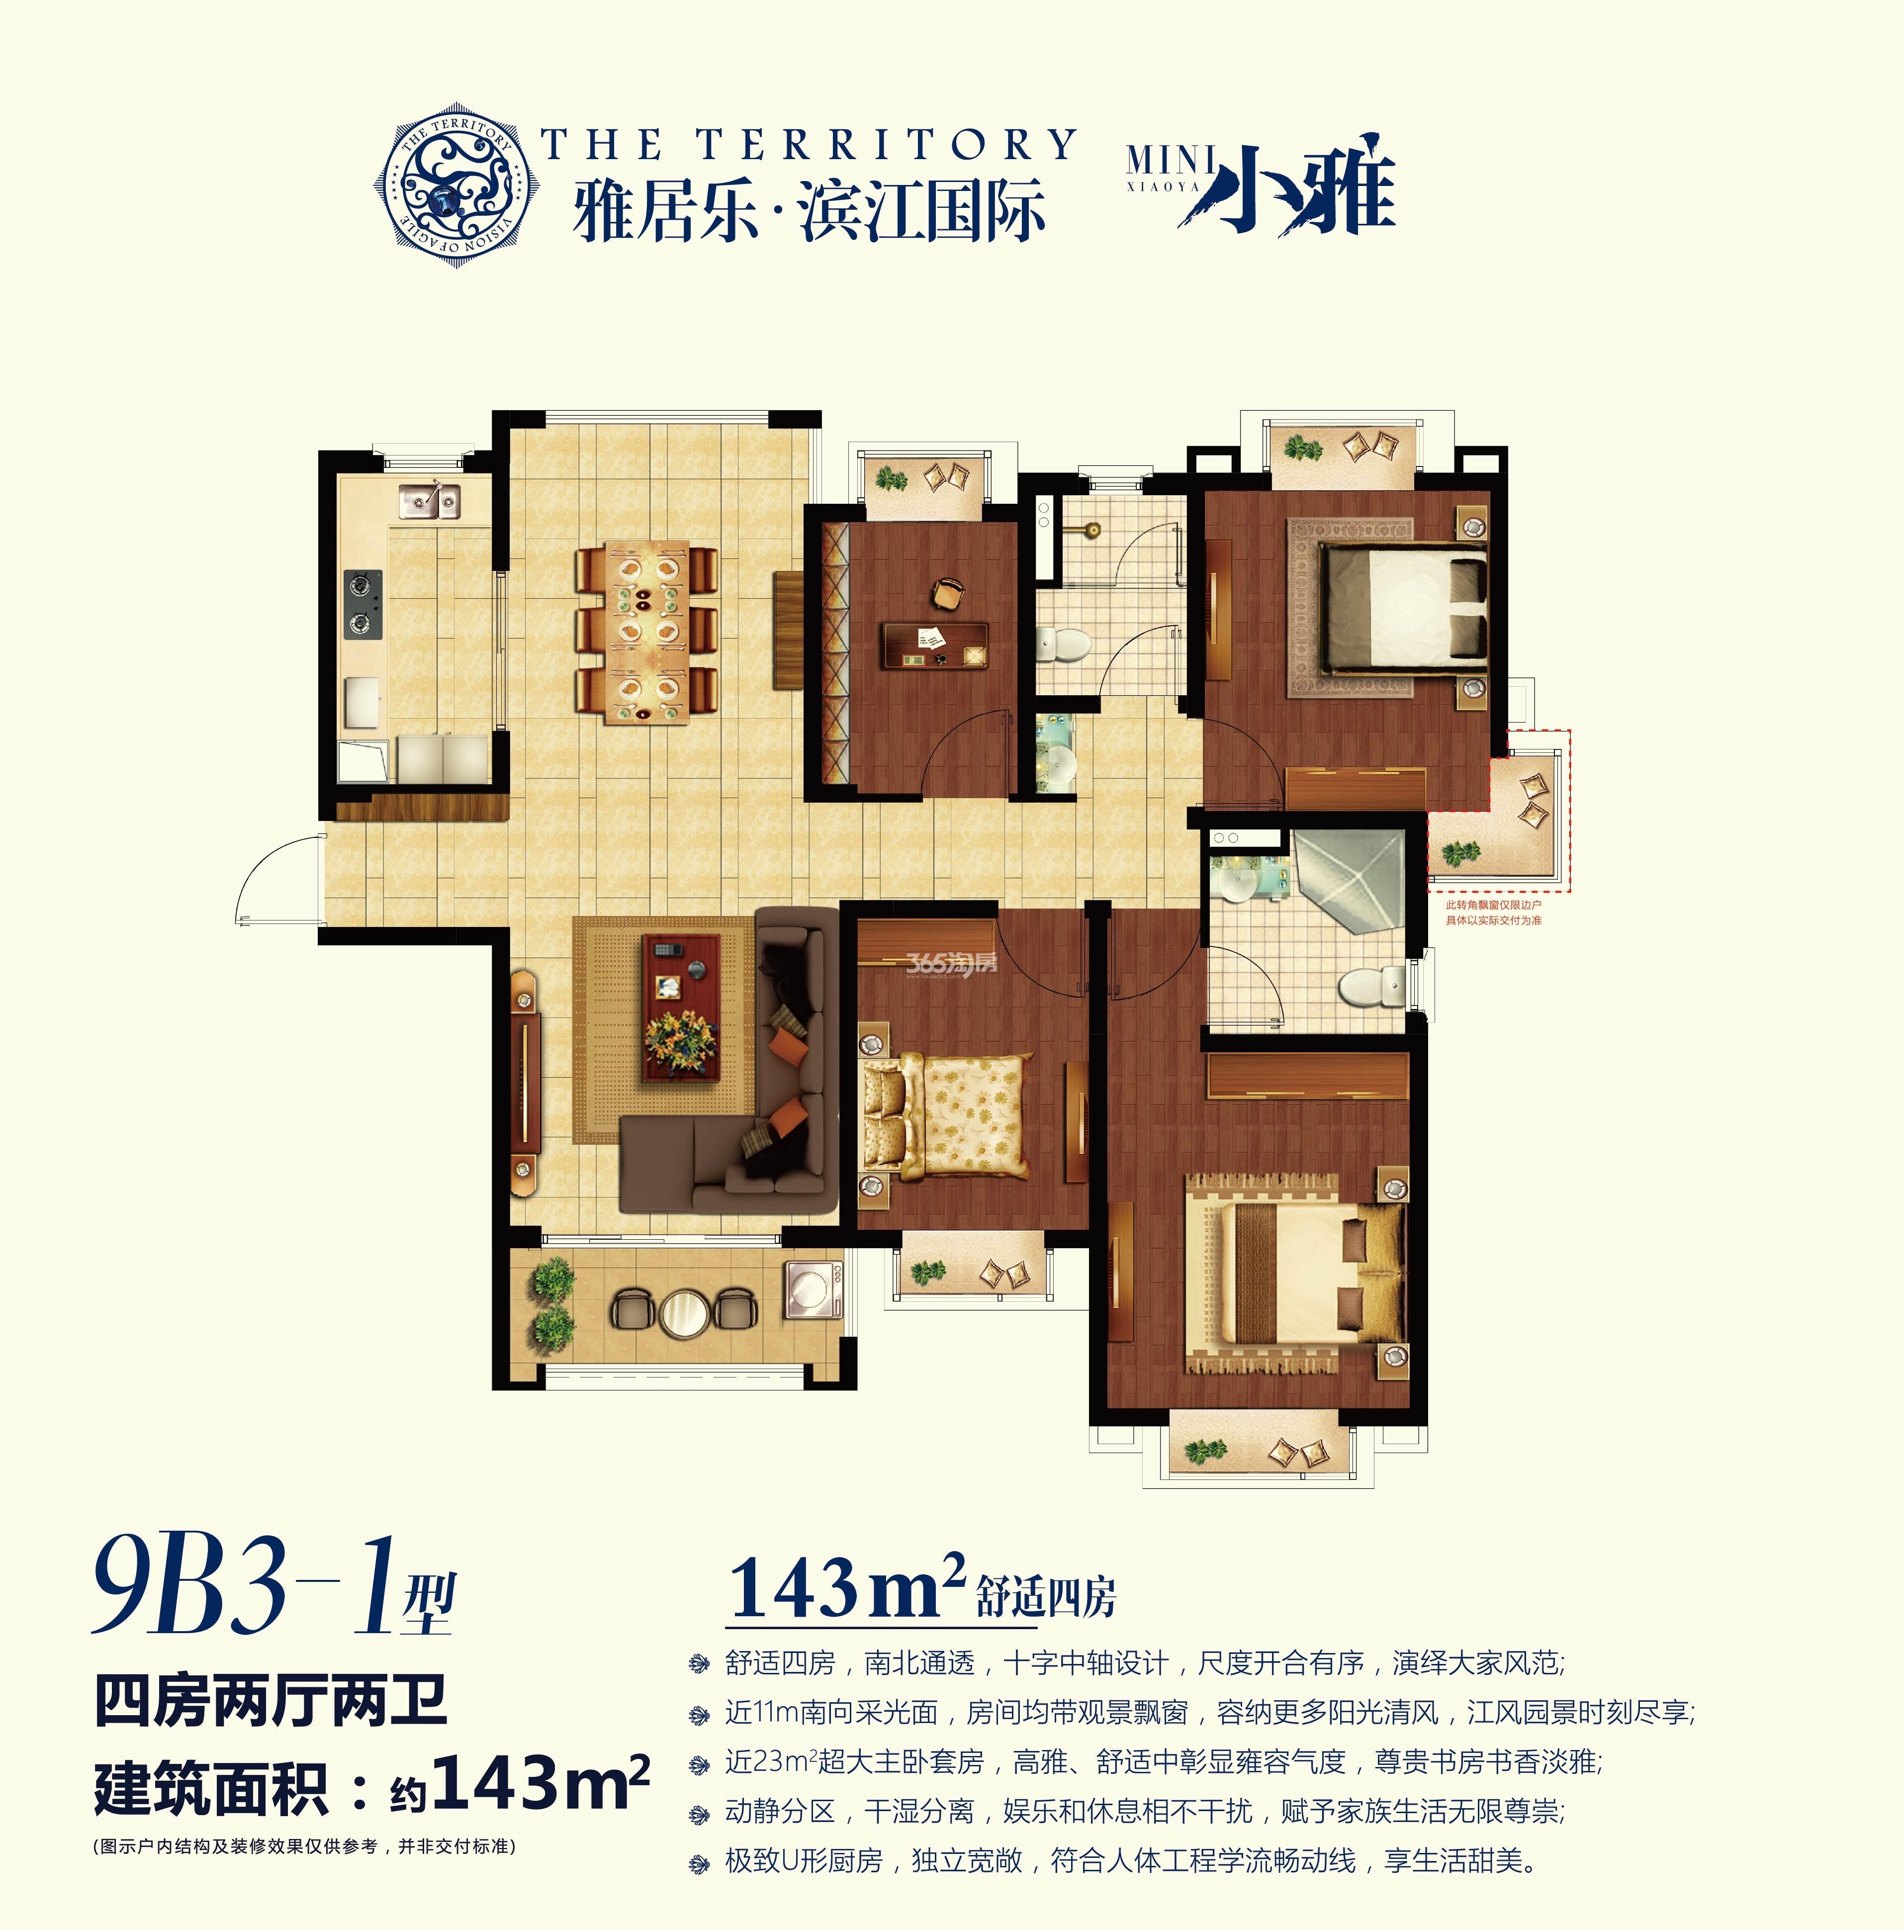 雅居乐滨江国际9B3-1户型图143㎡